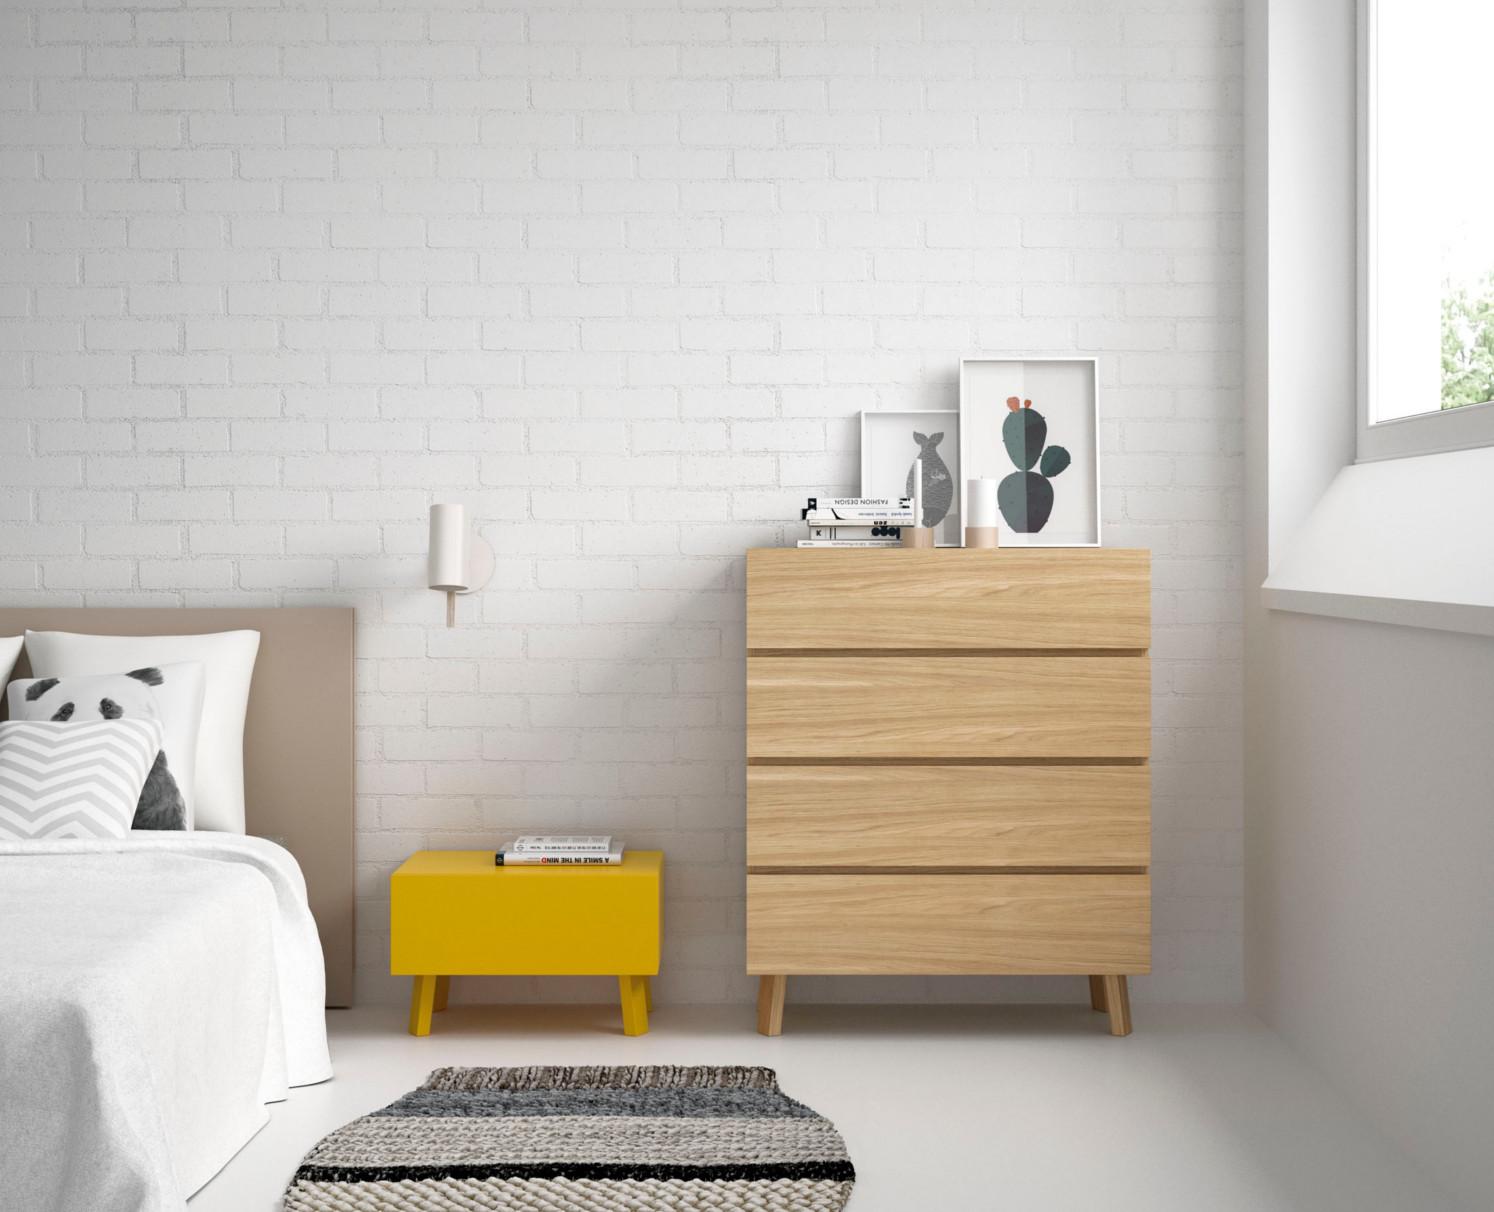 nueva colección lunch vive, muebles de estilo nórdico